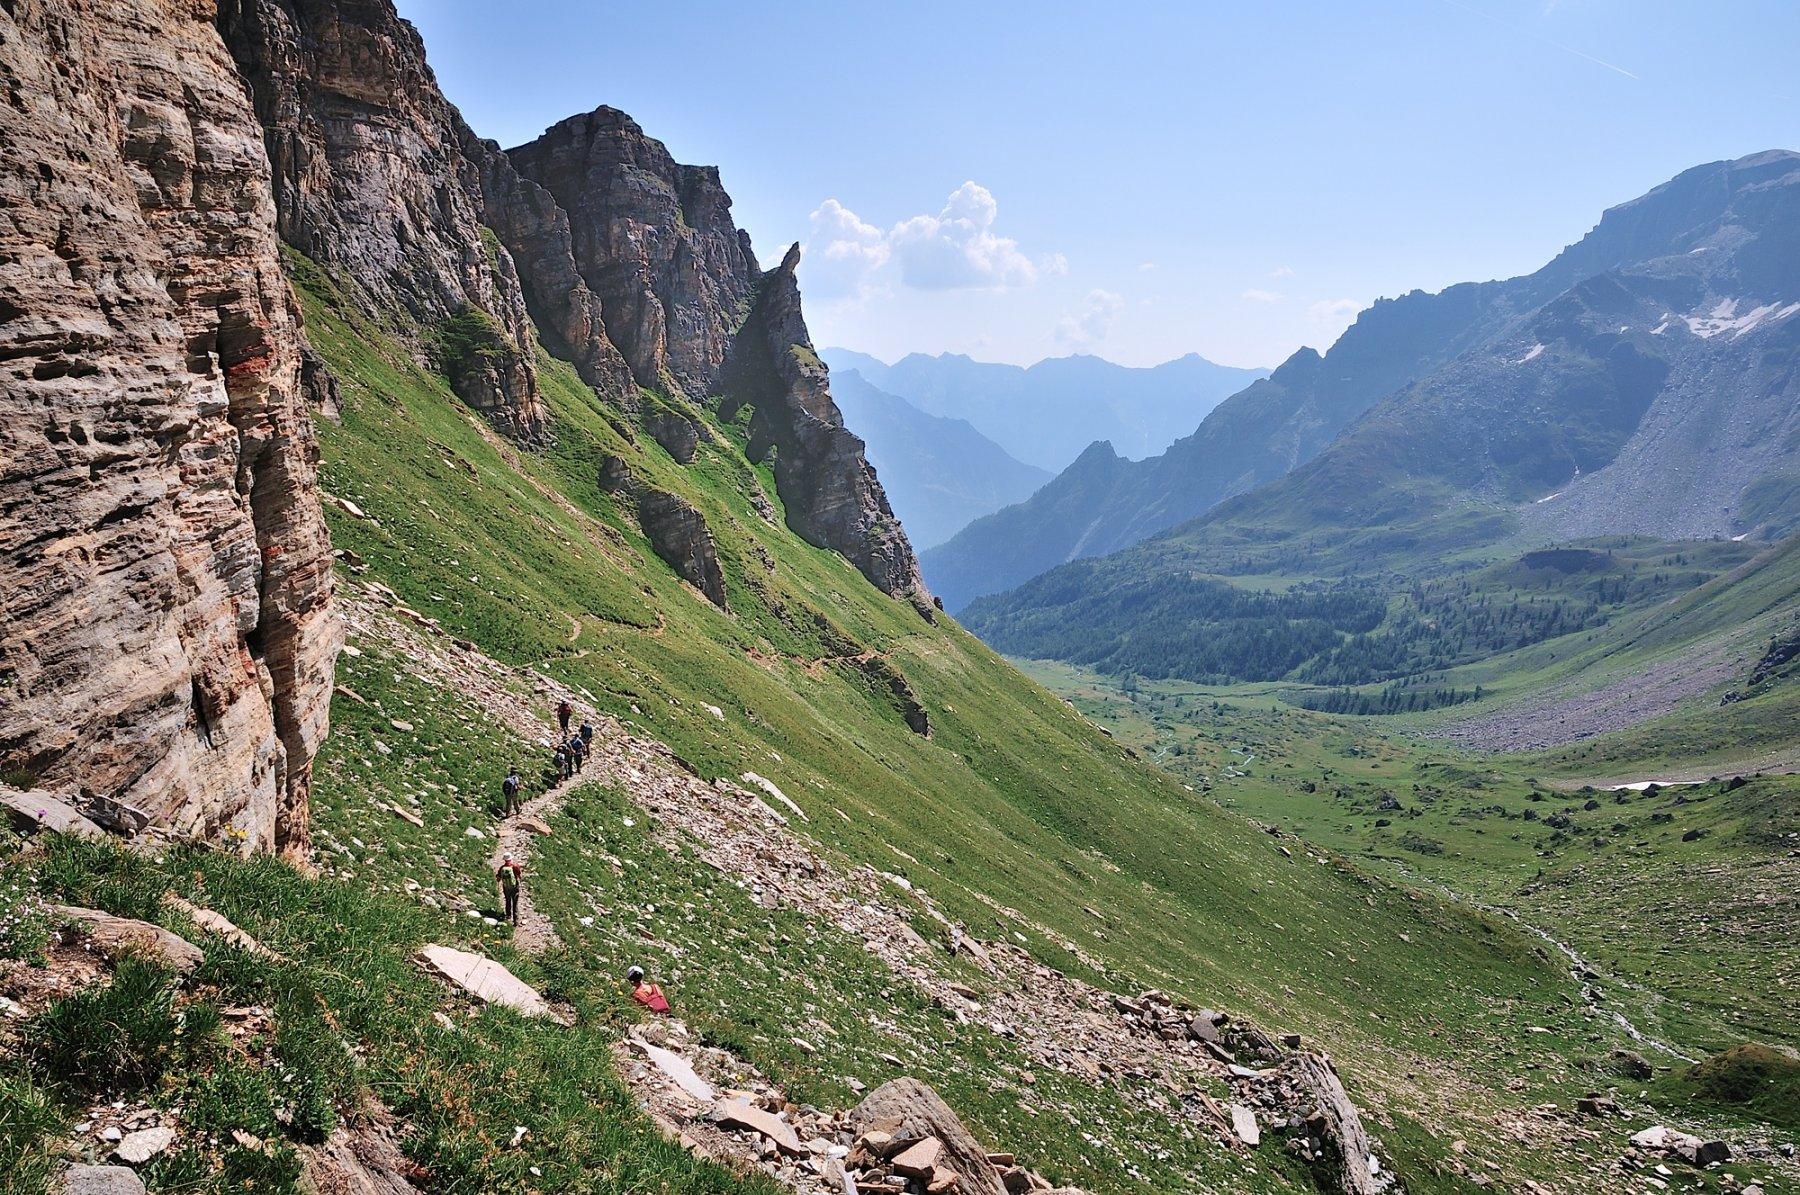 Traverso sul versante Bondolero verso la Scatta d'Orogna